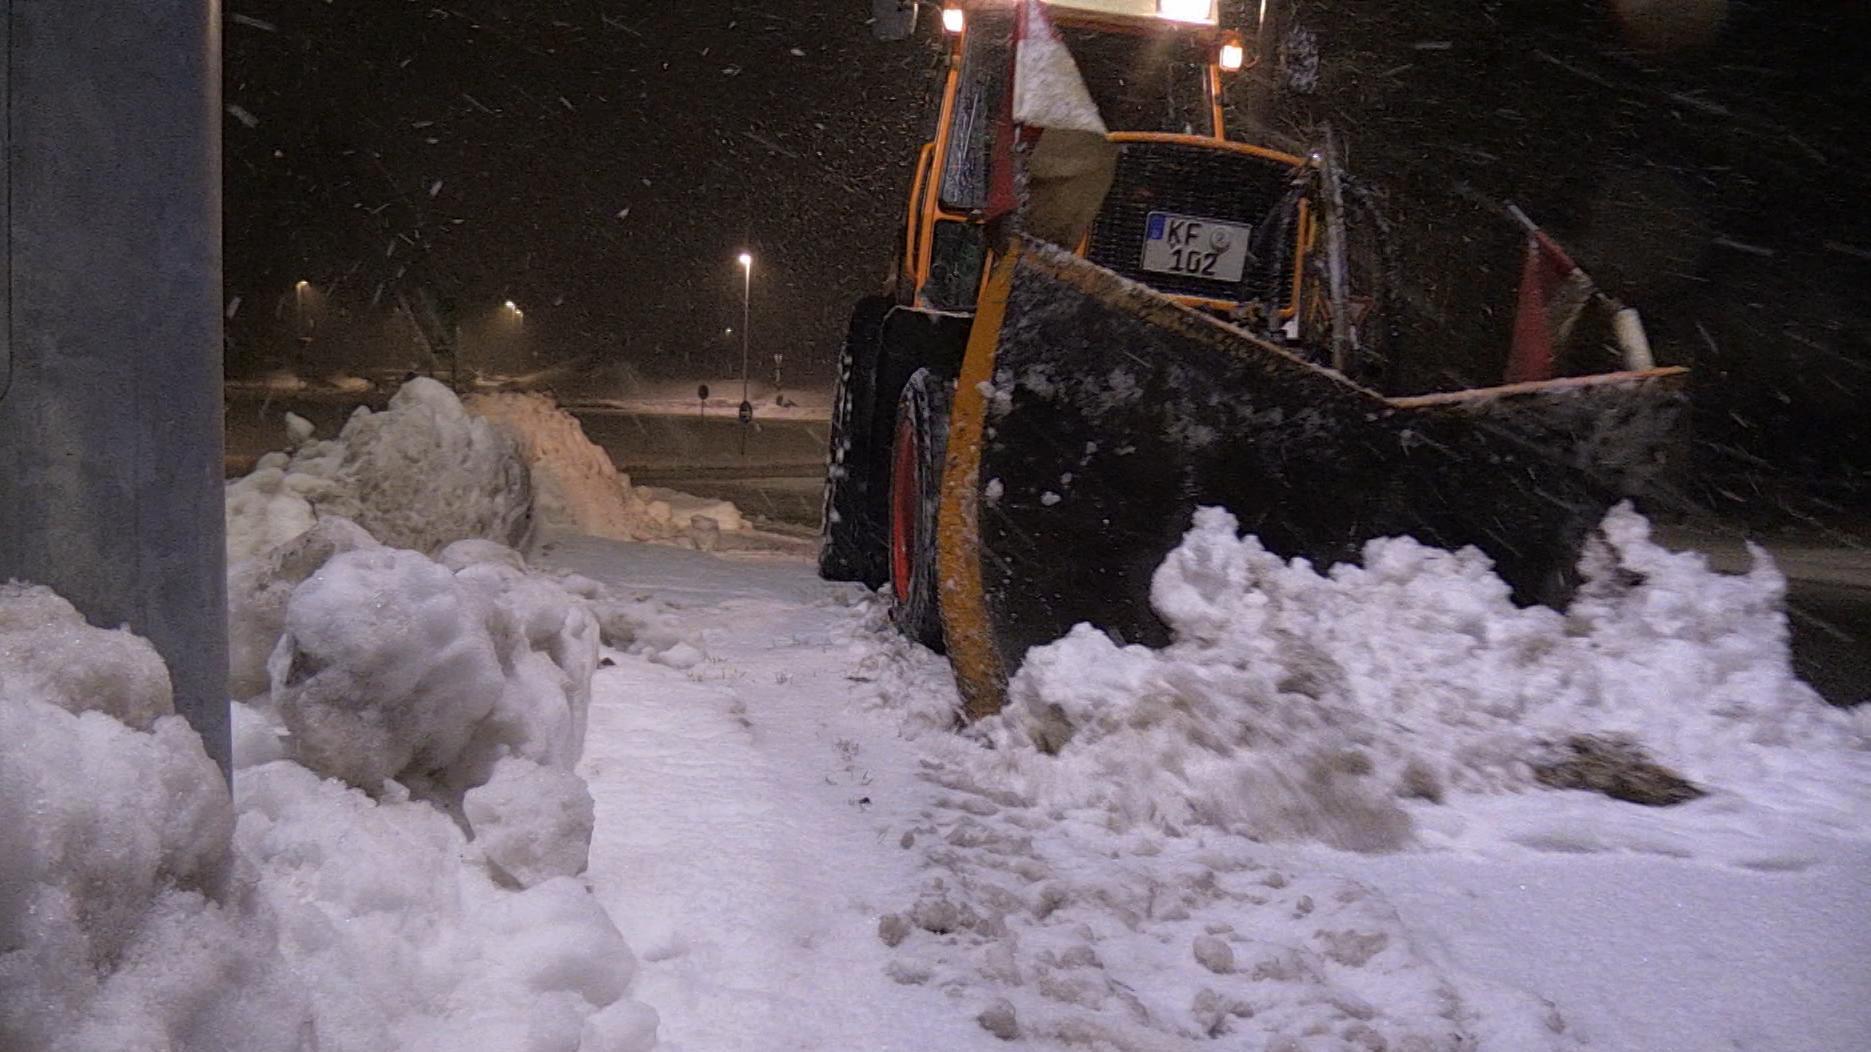 Schnee-Alarm: Schulen im Allgäu dicht, A8 gesperrt